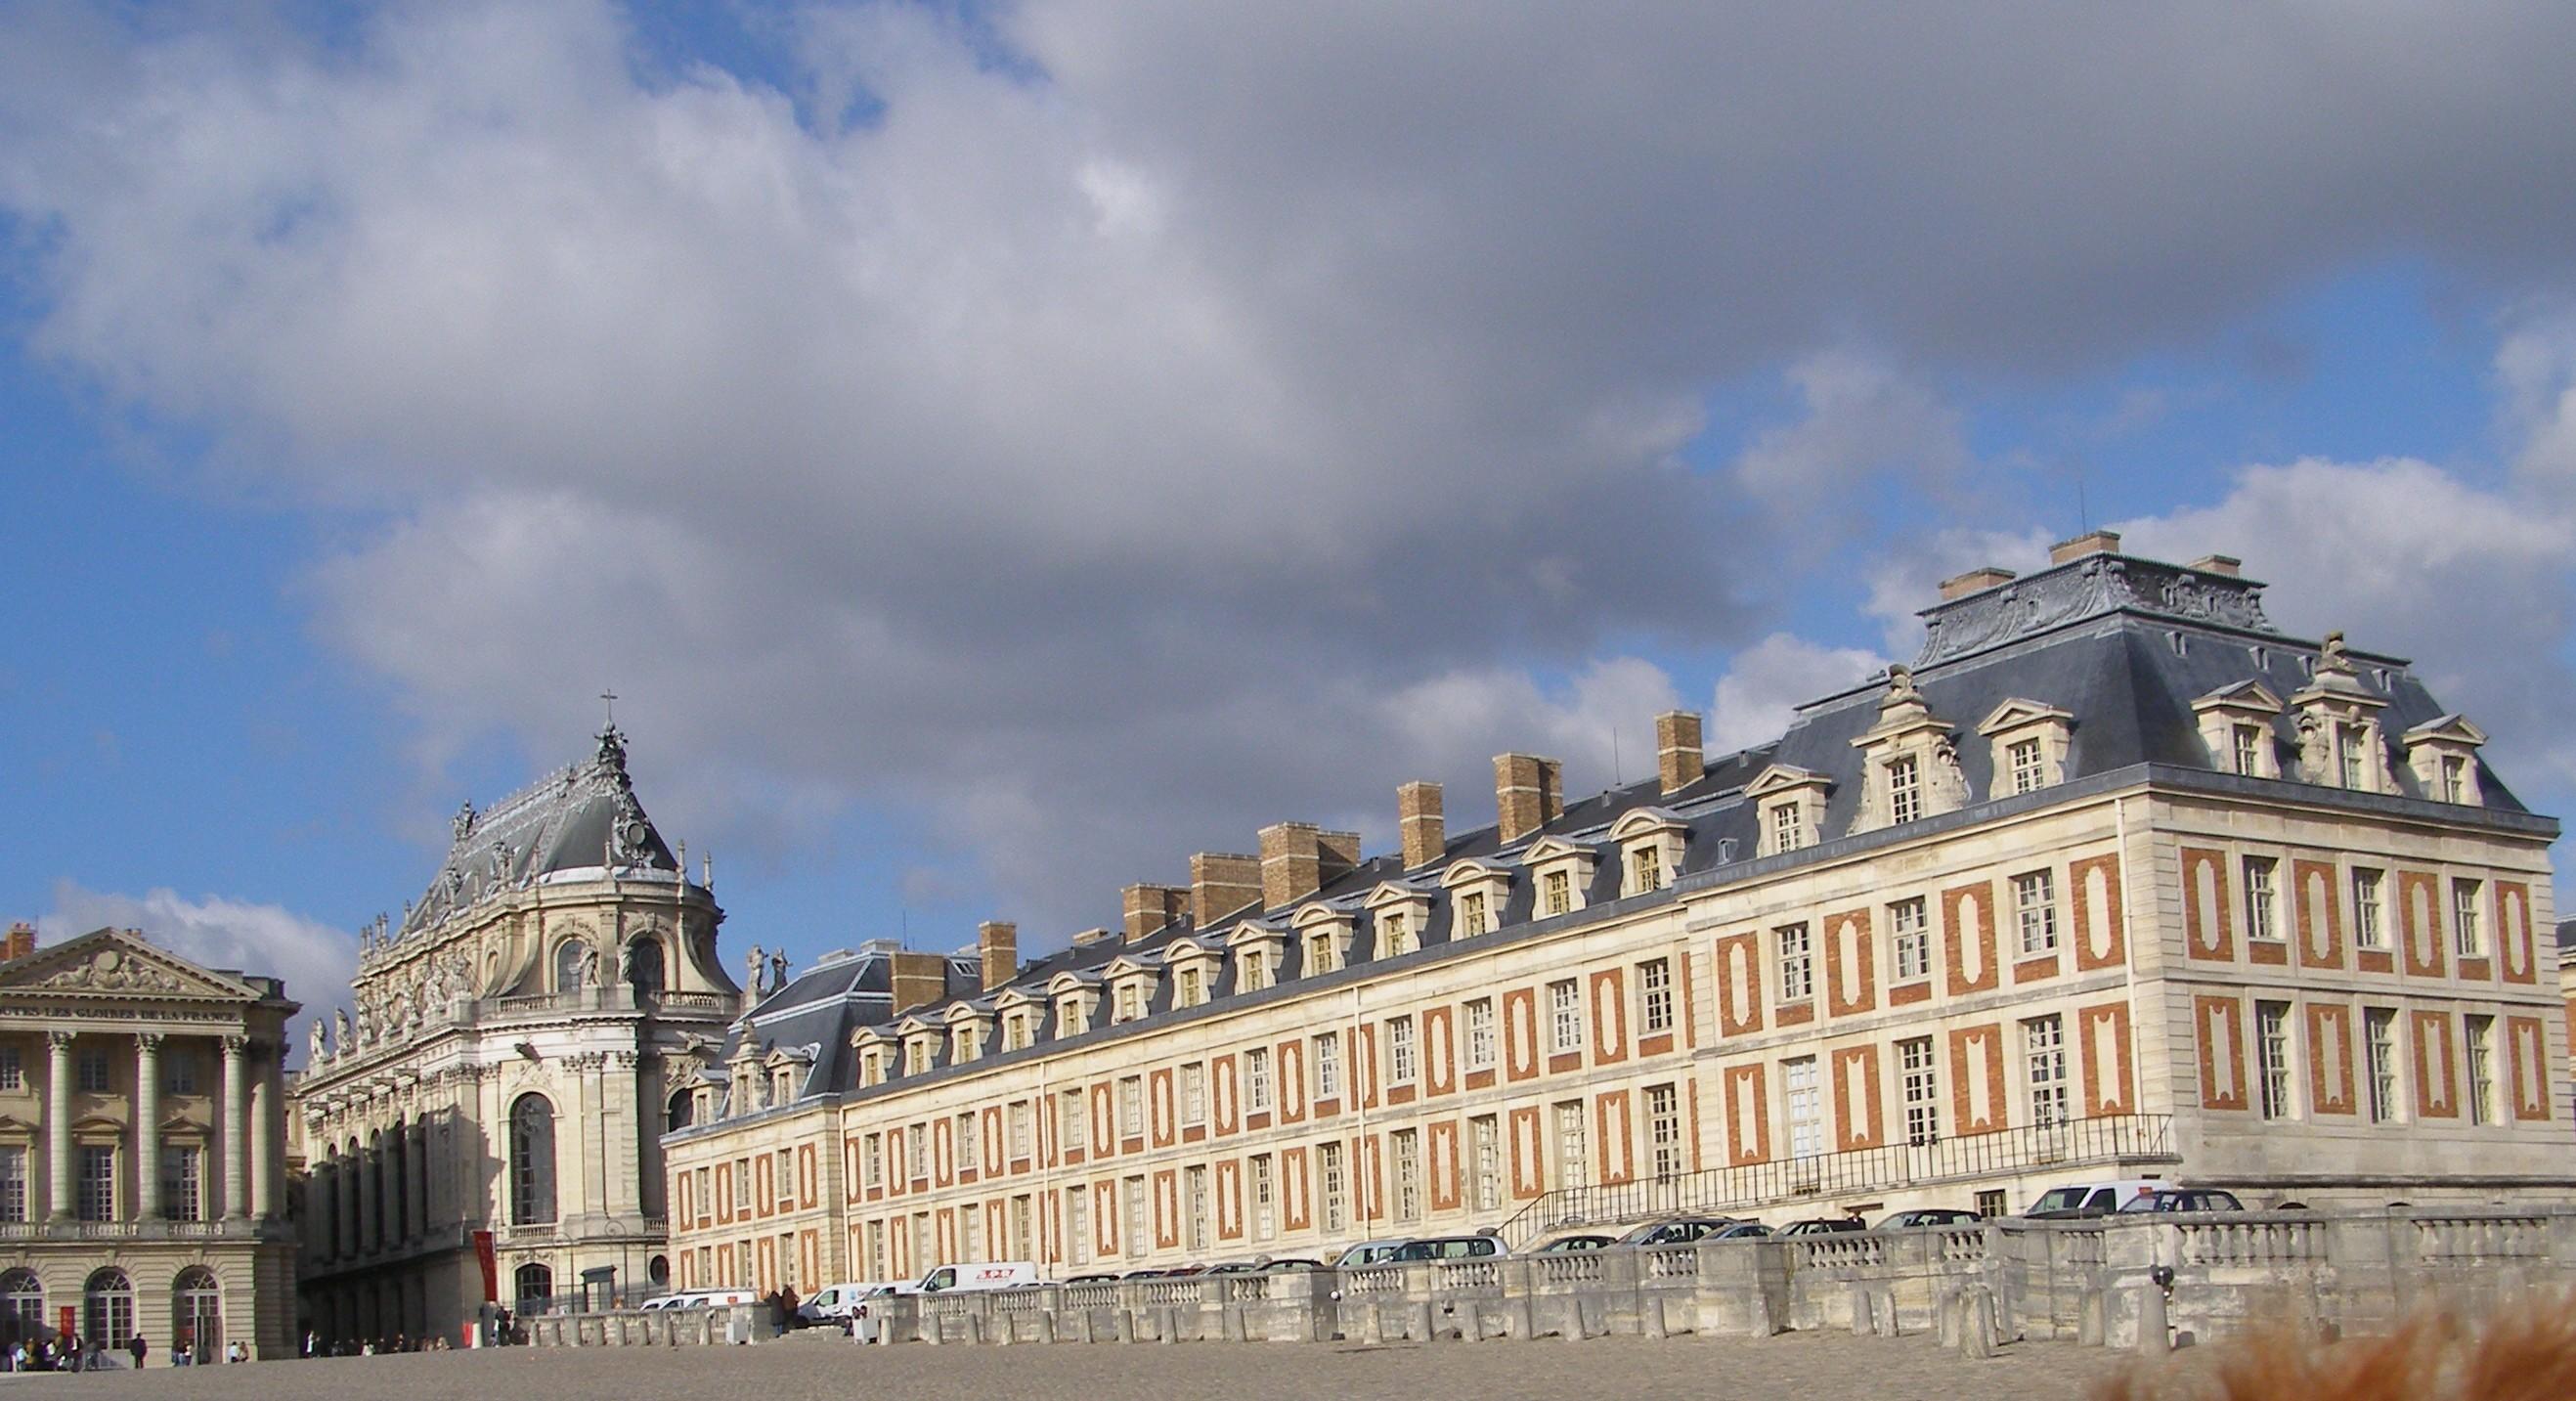 Βερσαλλίες, Γαλλία, Ανάκτορο, πολυτέλεια, Λουδοβίκος, παλάτι, έργα τέχνης